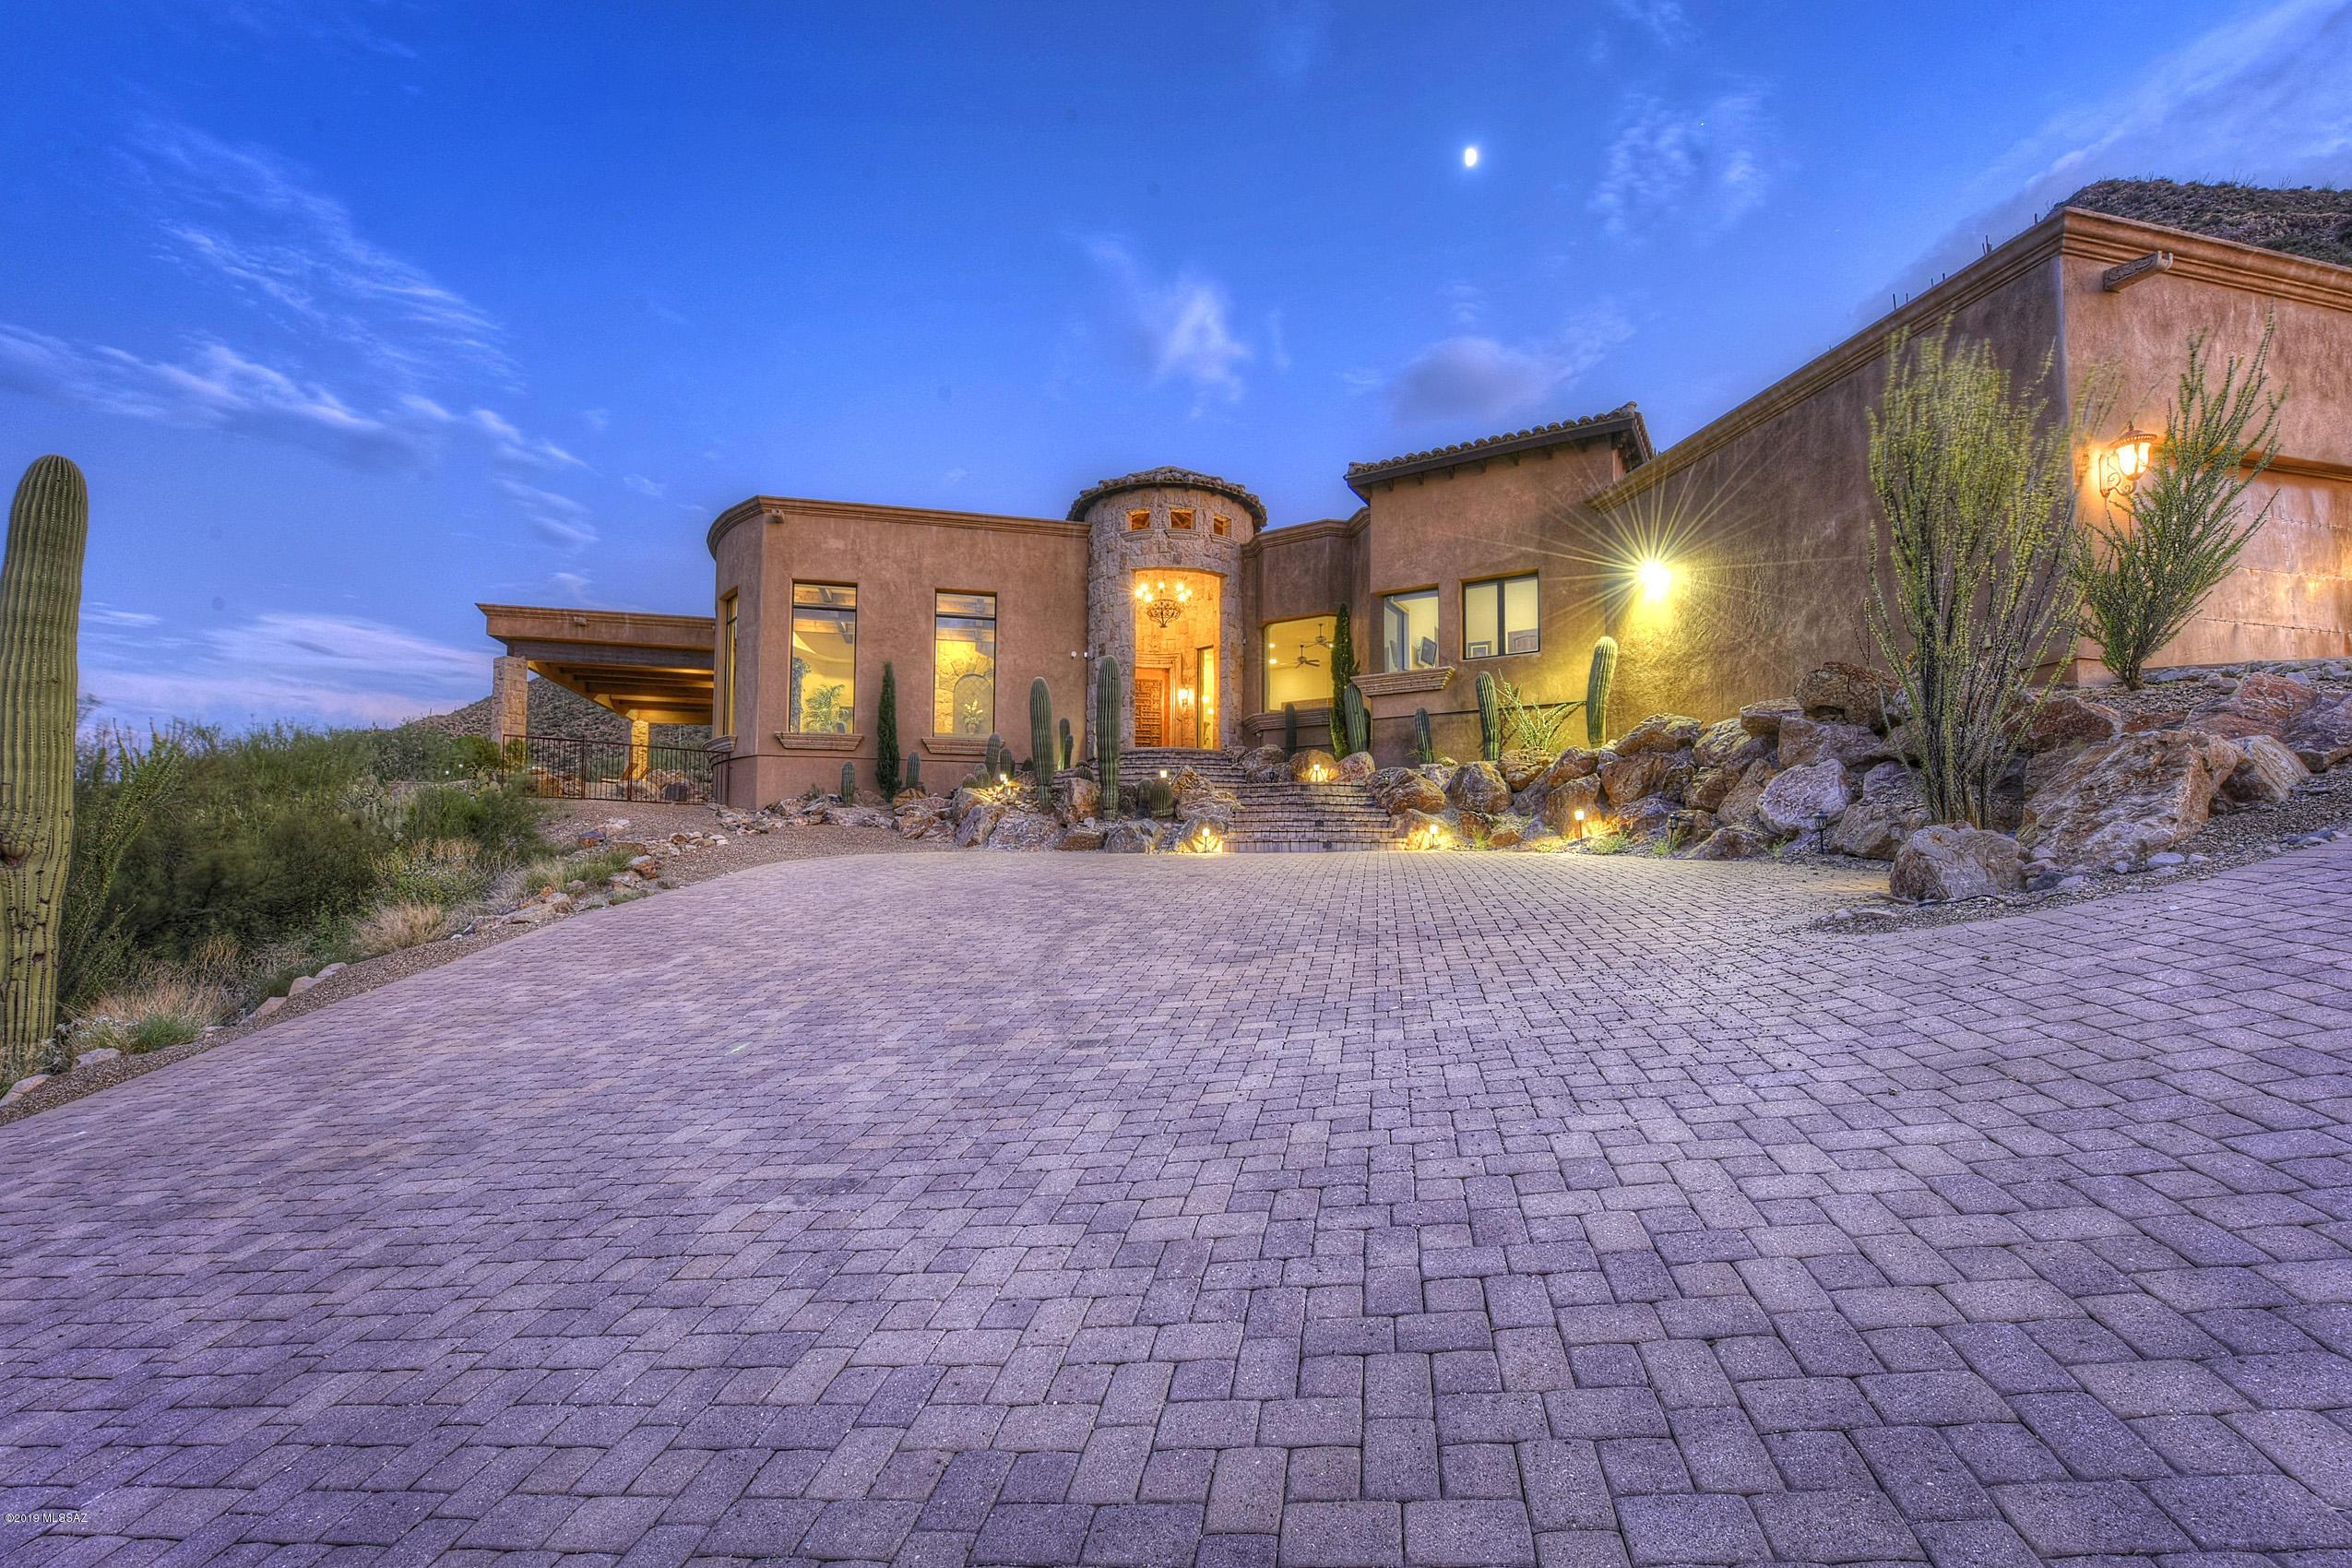 Photo of 671 Mountain Side Way, Tucson, AZ 85745